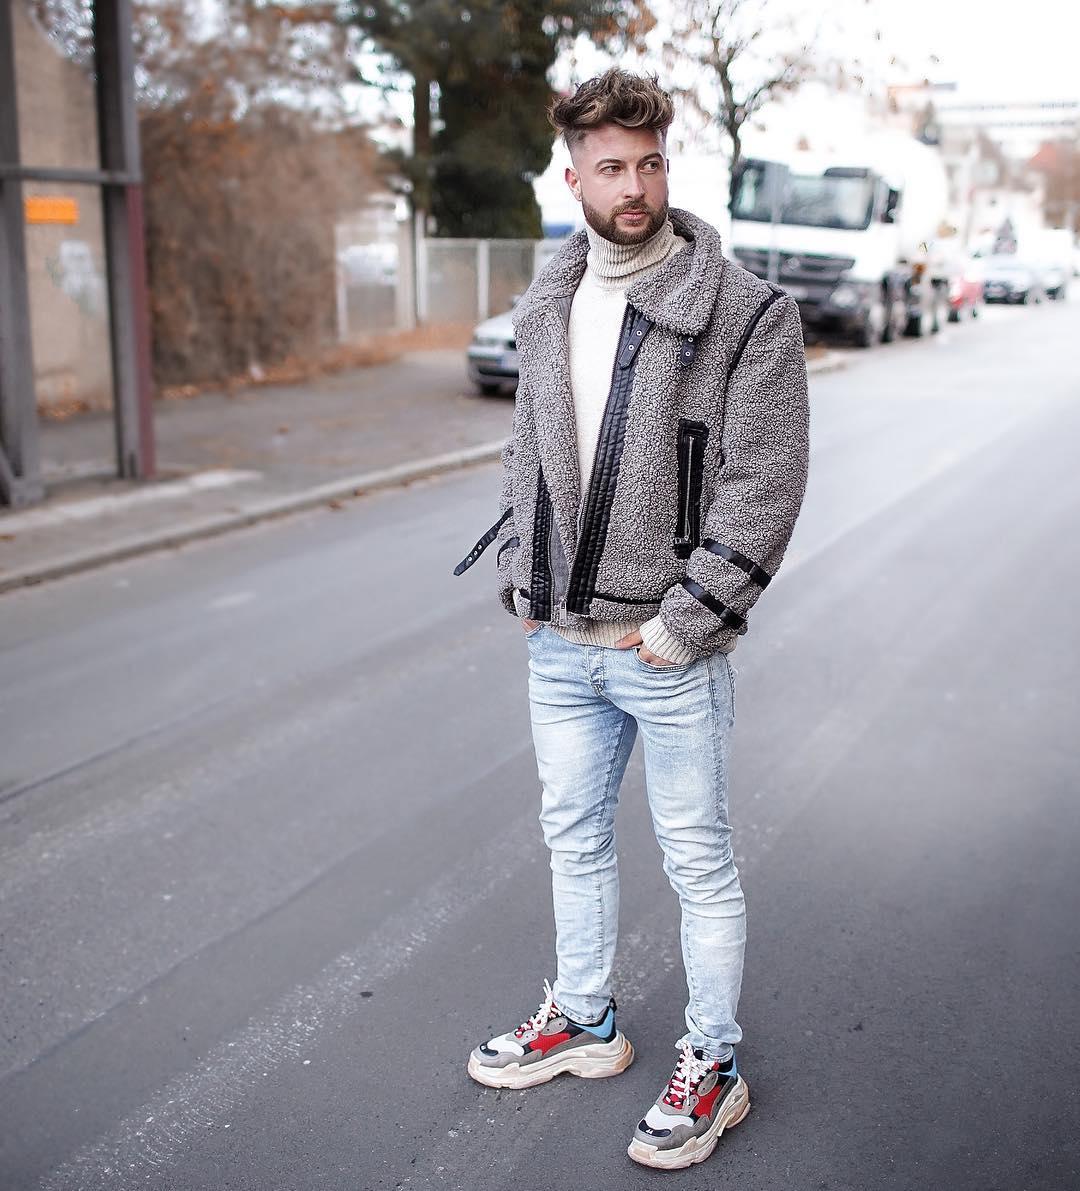 giày thể thao chunky sneakers - tobias